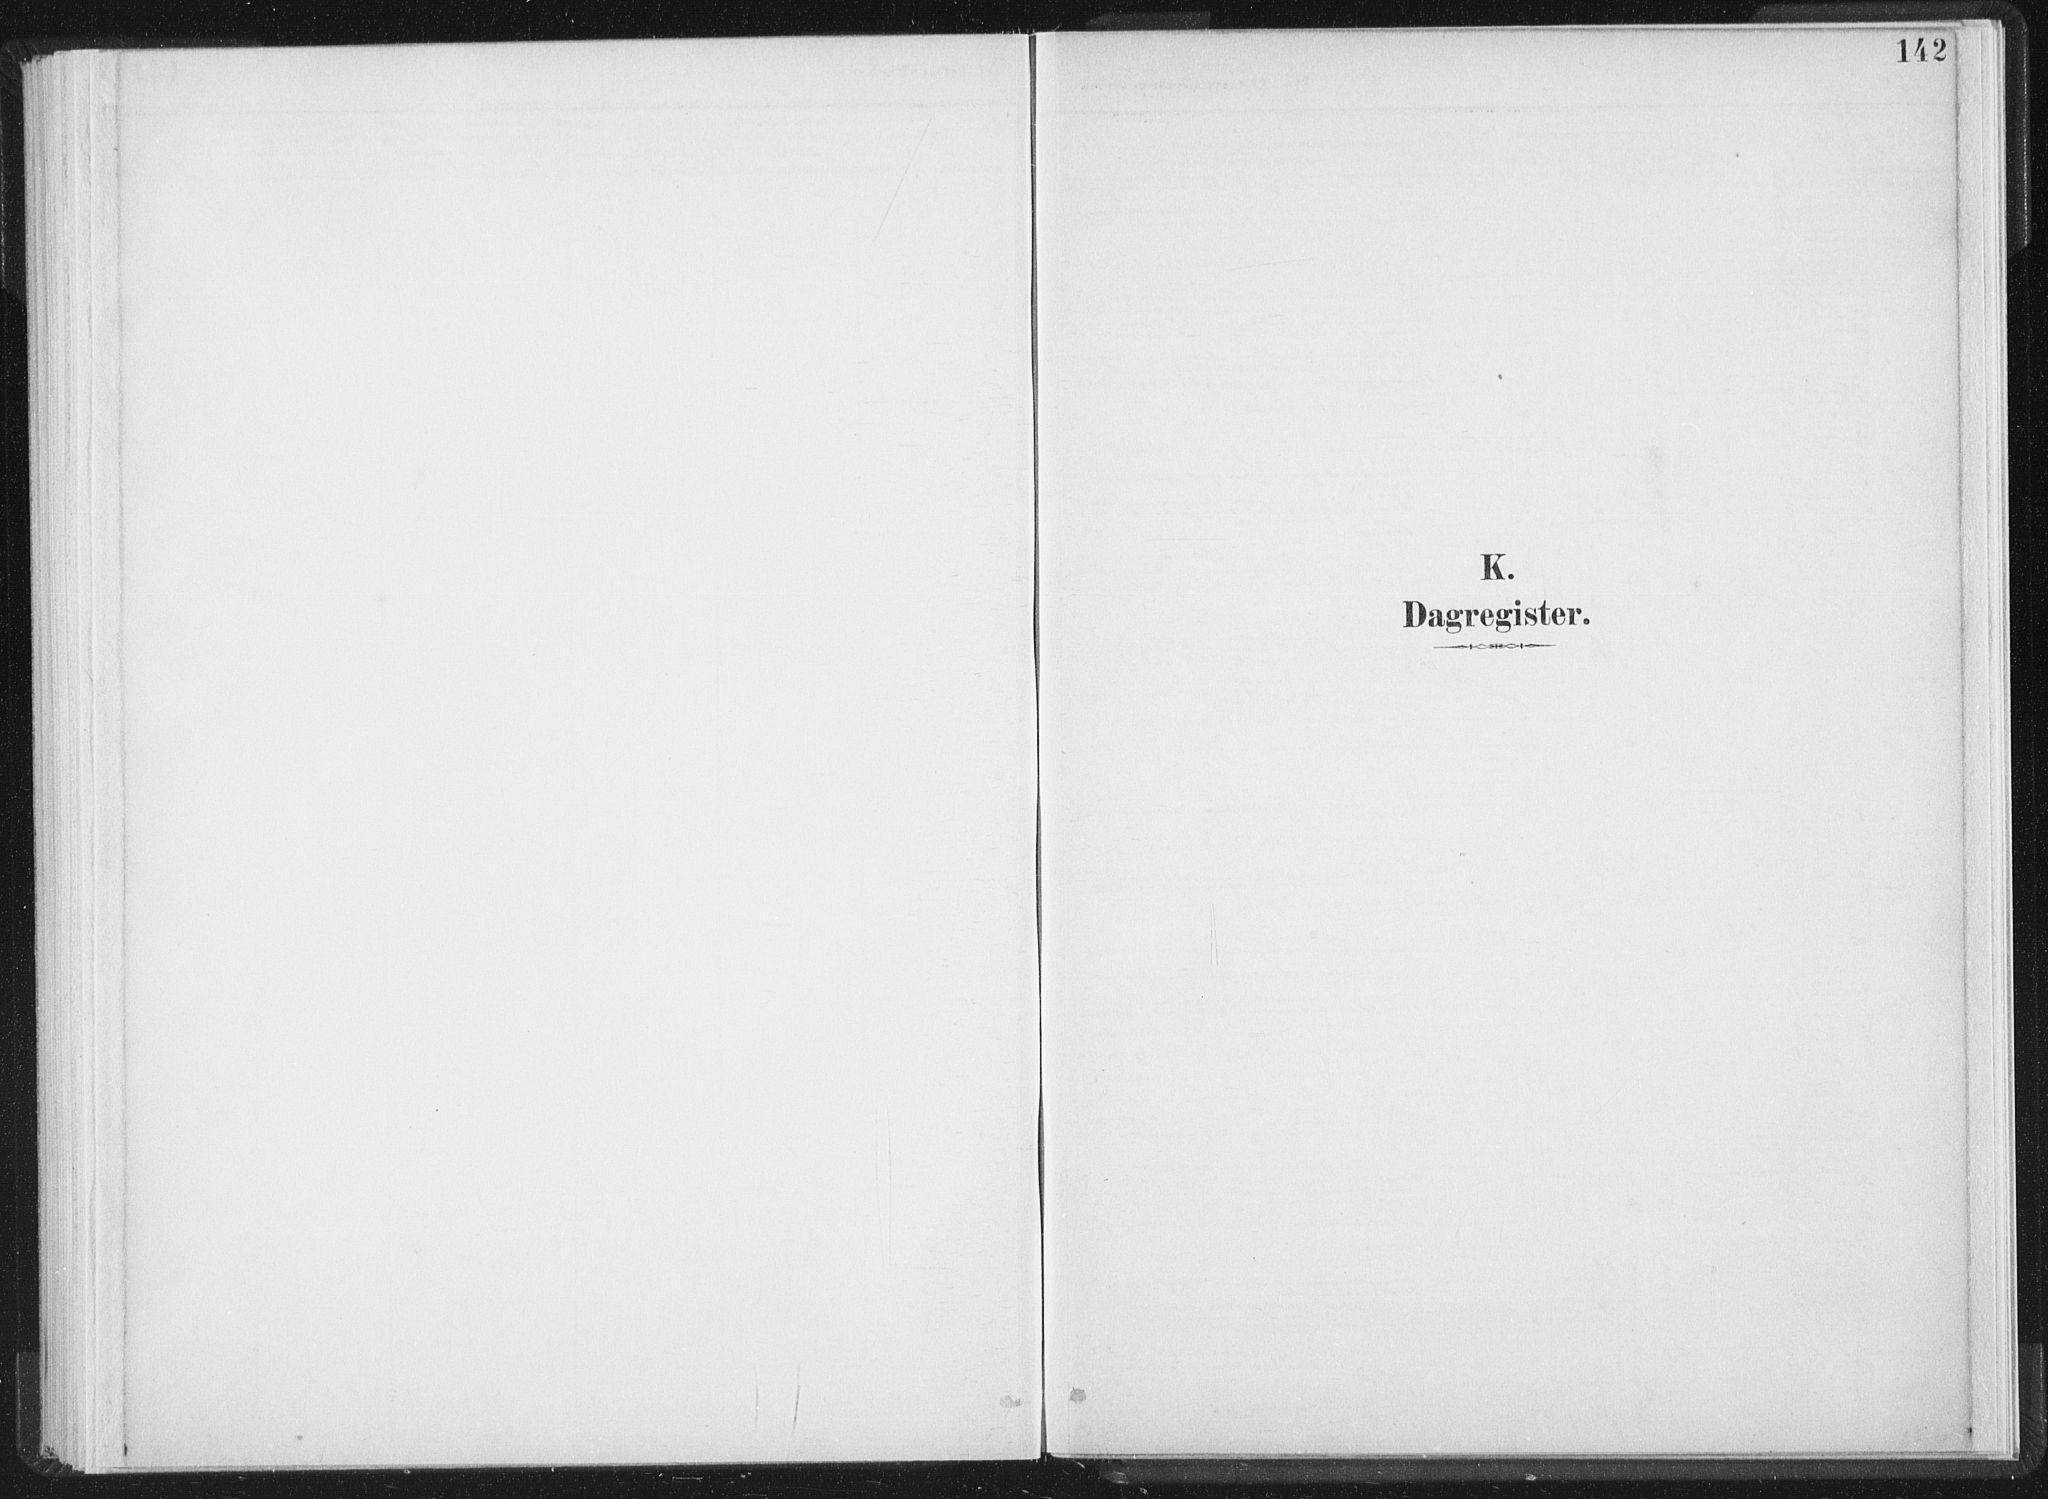 SAT, Ministerialprotokoller, klokkerbøker og fødselsregistre - Nord-Trøndelag, 724/L0263: Ministerialbok nr. 724A01, 1891-1907, s. 142